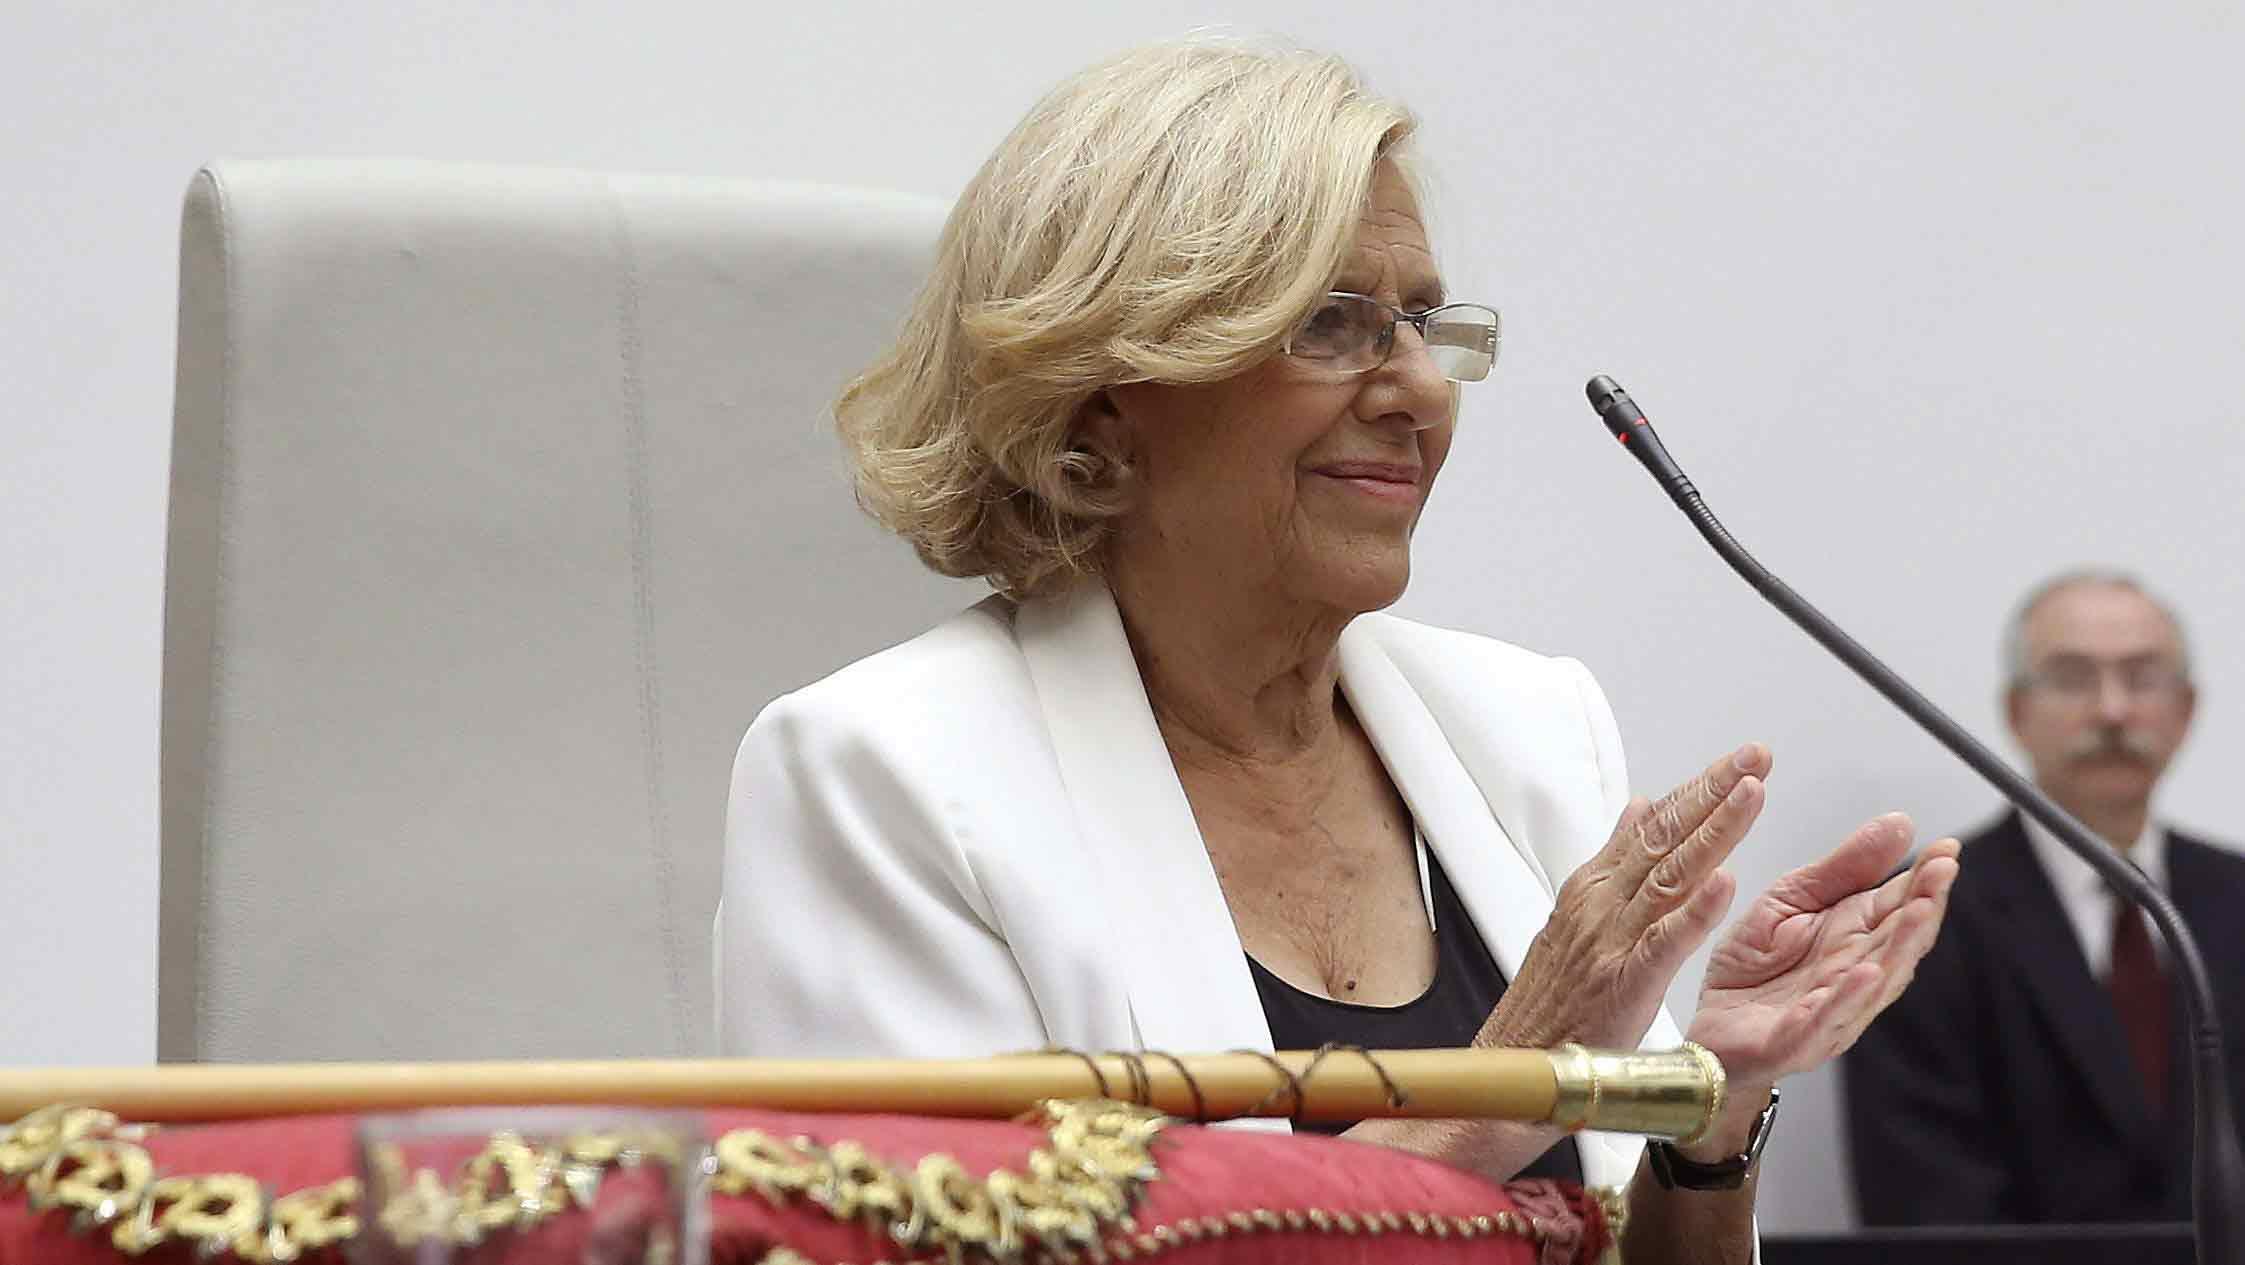 Ir al VideoCondena prácticamente unánime contra los 'tuits' del concejal madrileño Guillermo Zapata